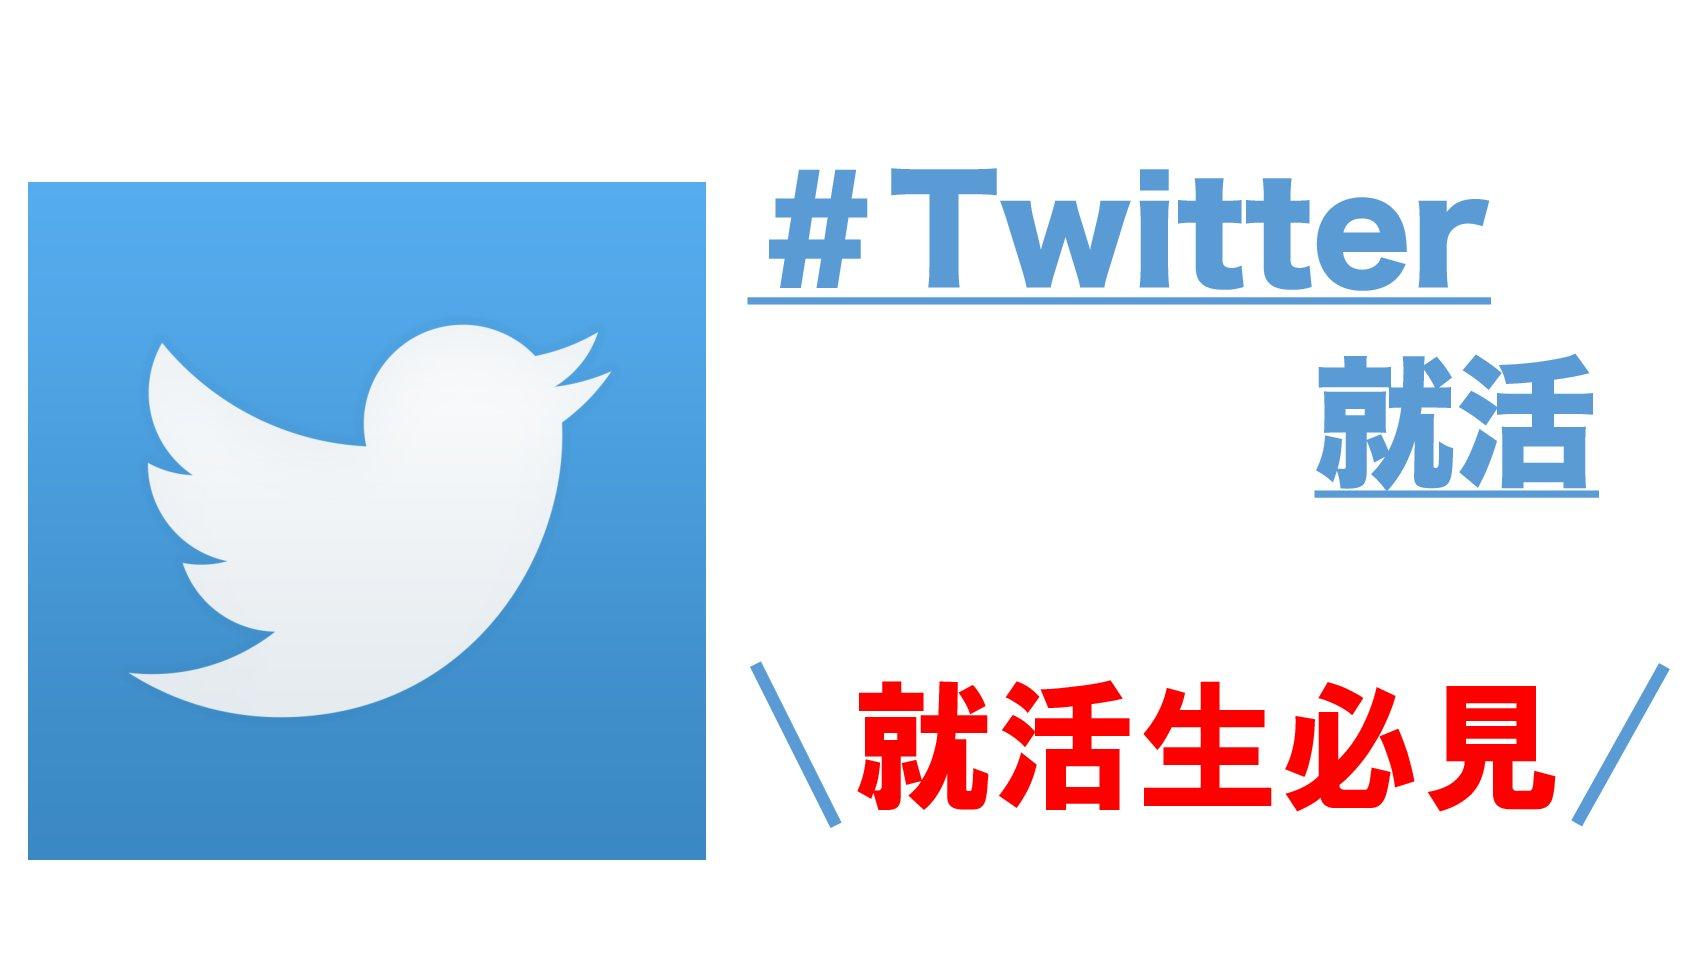 【経験者が教える】Twitter就活の方法とフォローすべきアカウント3選